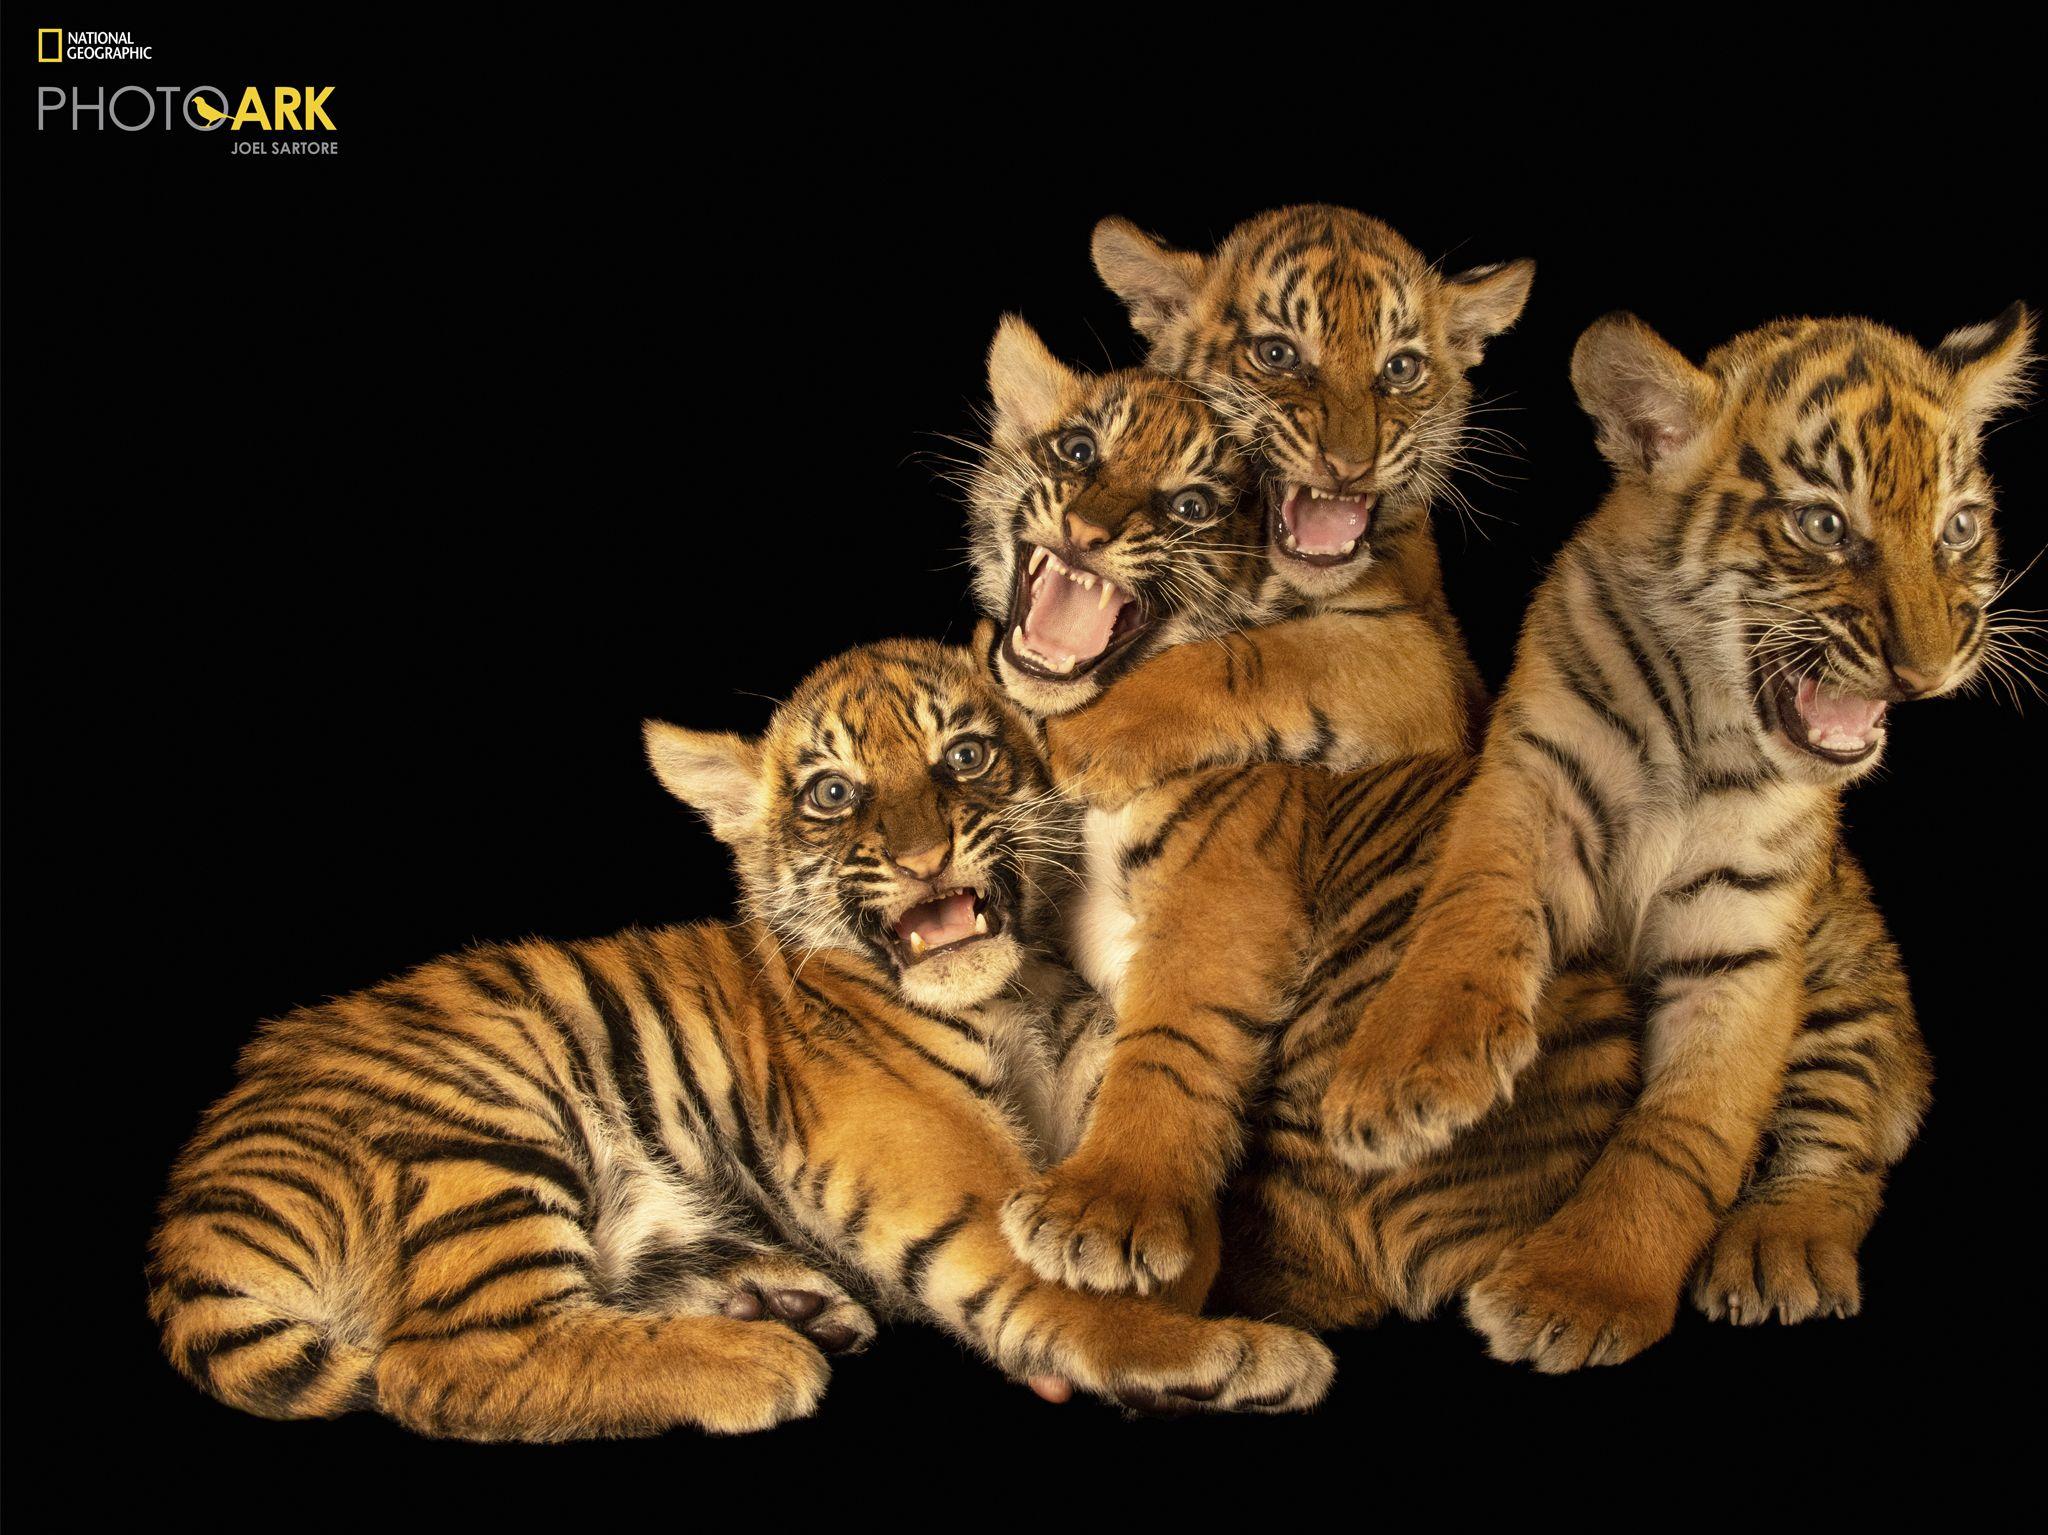 أربعة ببراوات من جزيرة سومطرة ( Panthera tigris sumatrae) في... [Photo of the day - نوفمبر 2020]